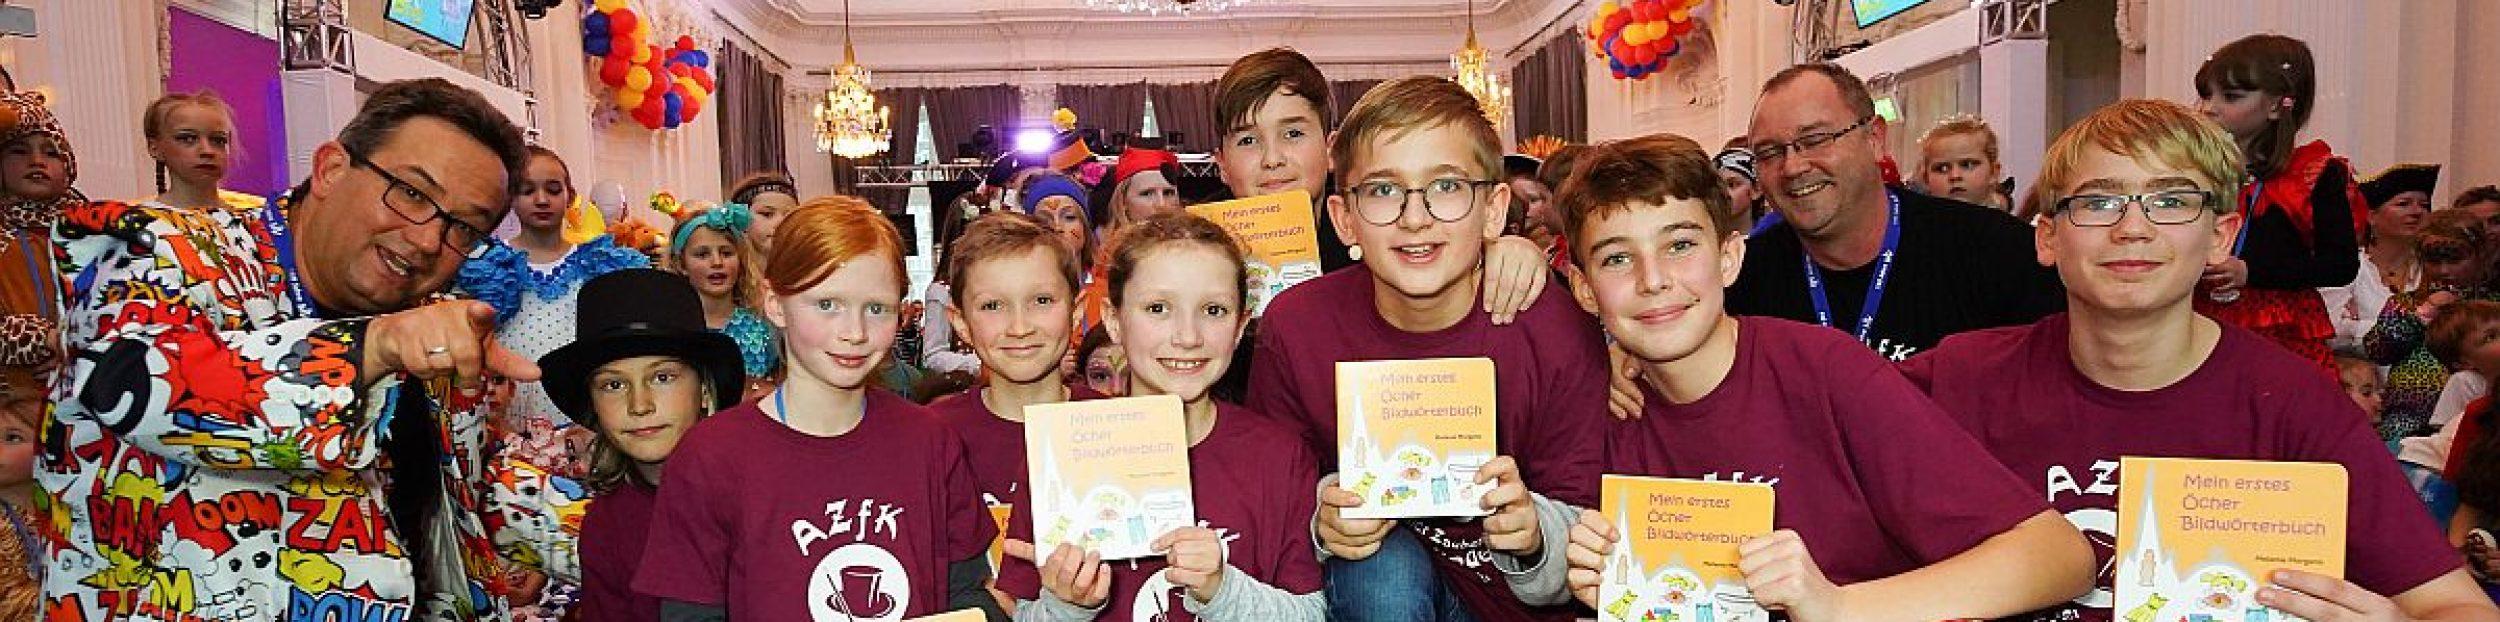 AZfK | Aachener Zauberschule für Kinder & Jugendliche